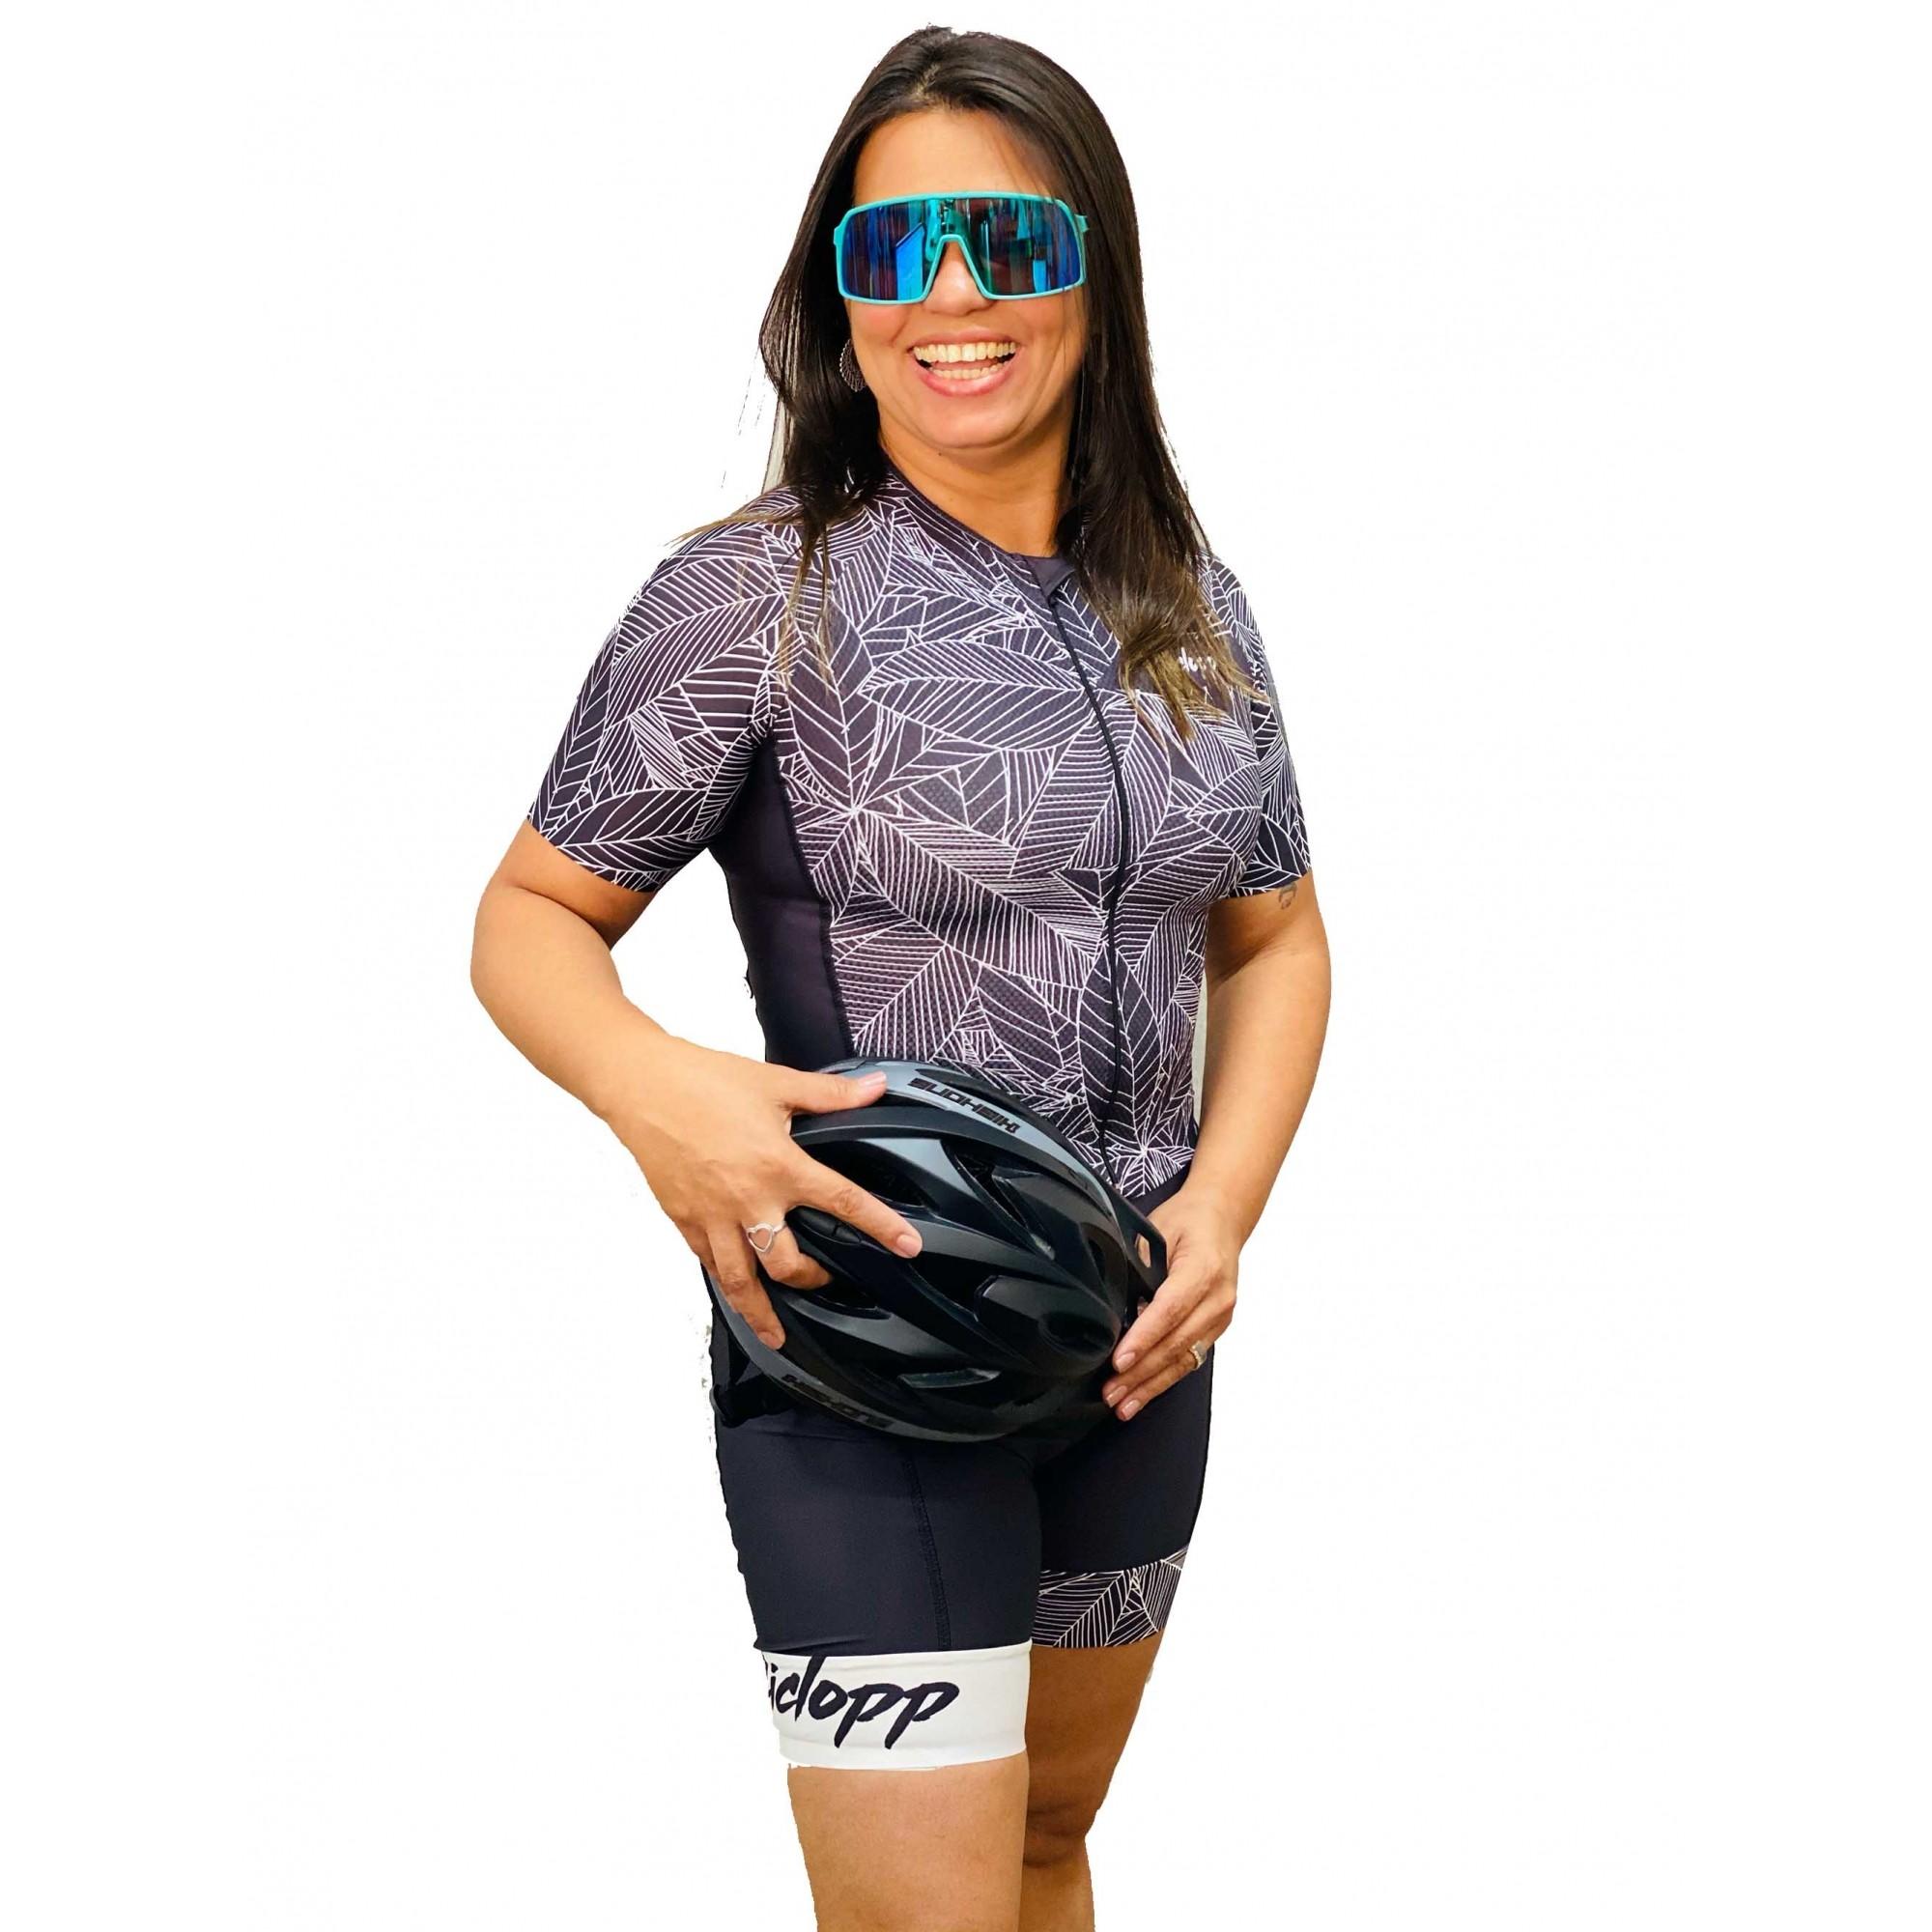 Macaquinho Ciclismo Verano Preto/Branco - Ciclopp